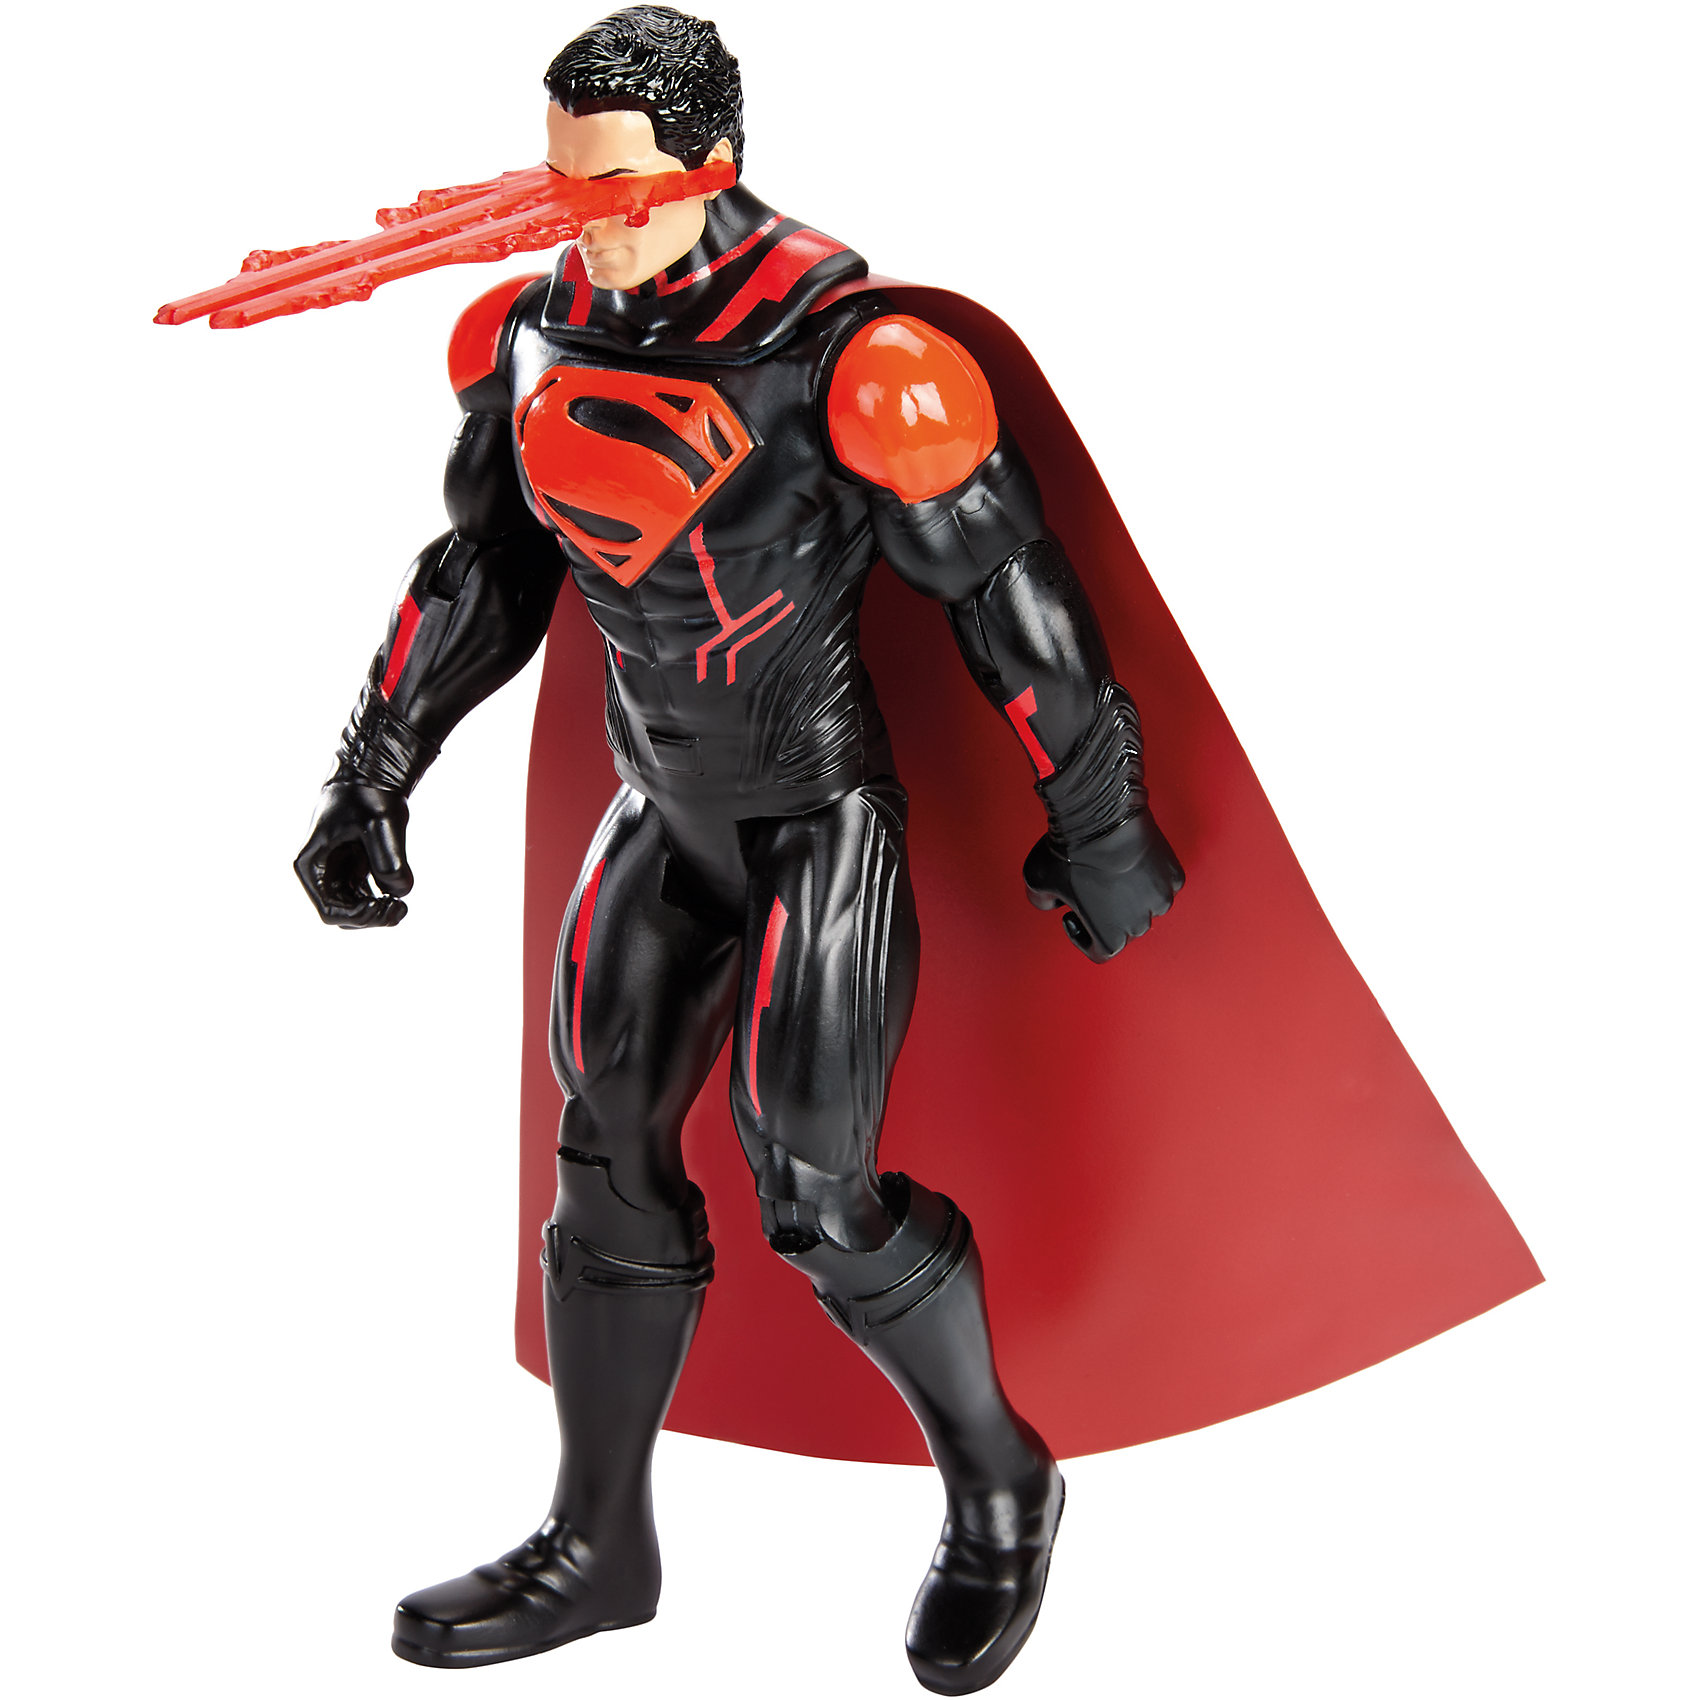 Фигурки Бэтмен против Супермена  15 смНовые фигурки любимых персонажей из серии «Бэтмен против Супермена: На заре справедливости» приведут в восторг всех поклонников Marvel. Фигурки прекрасно детализированы и реалистично раскрашены, очень похожи на своих прототипов из комиксов. Игрушки выполнены из высококачественного пластика, раскрашены экологичными гипоаллергенными красителями.<br><br>Дополнительная информация:<br><br>- Материал: пластик.<br>- Размер фигурки: 15 см. <br>- Голова, руки, ноги подвижные.<br>- Прекрасно детализированы.<br>- В ассортименте: Бэтмен, Супермен.<br>ВНИМАНИЕ! Данный артикул представлен в разных вариантах исполнения. К сожалению, заранее выбрать определенный вариант невозможно. При заказе нескольких фигурок, возможно получение одинаковых.<br><br>Фигурки Бэтмен против Супермена в ассортименте, 15 см, можно купить в нашем магазине.<br><br>Ширина мм: 45<br>Глубина мм: 165<br>Высота мм: 265<br>Вес г: 180<br>Возраст от месяцев: 36<br>Возраст до месяцев: 144<br>Пол: Мужской<br>Возраст: Детский<br>SKU: 4556237